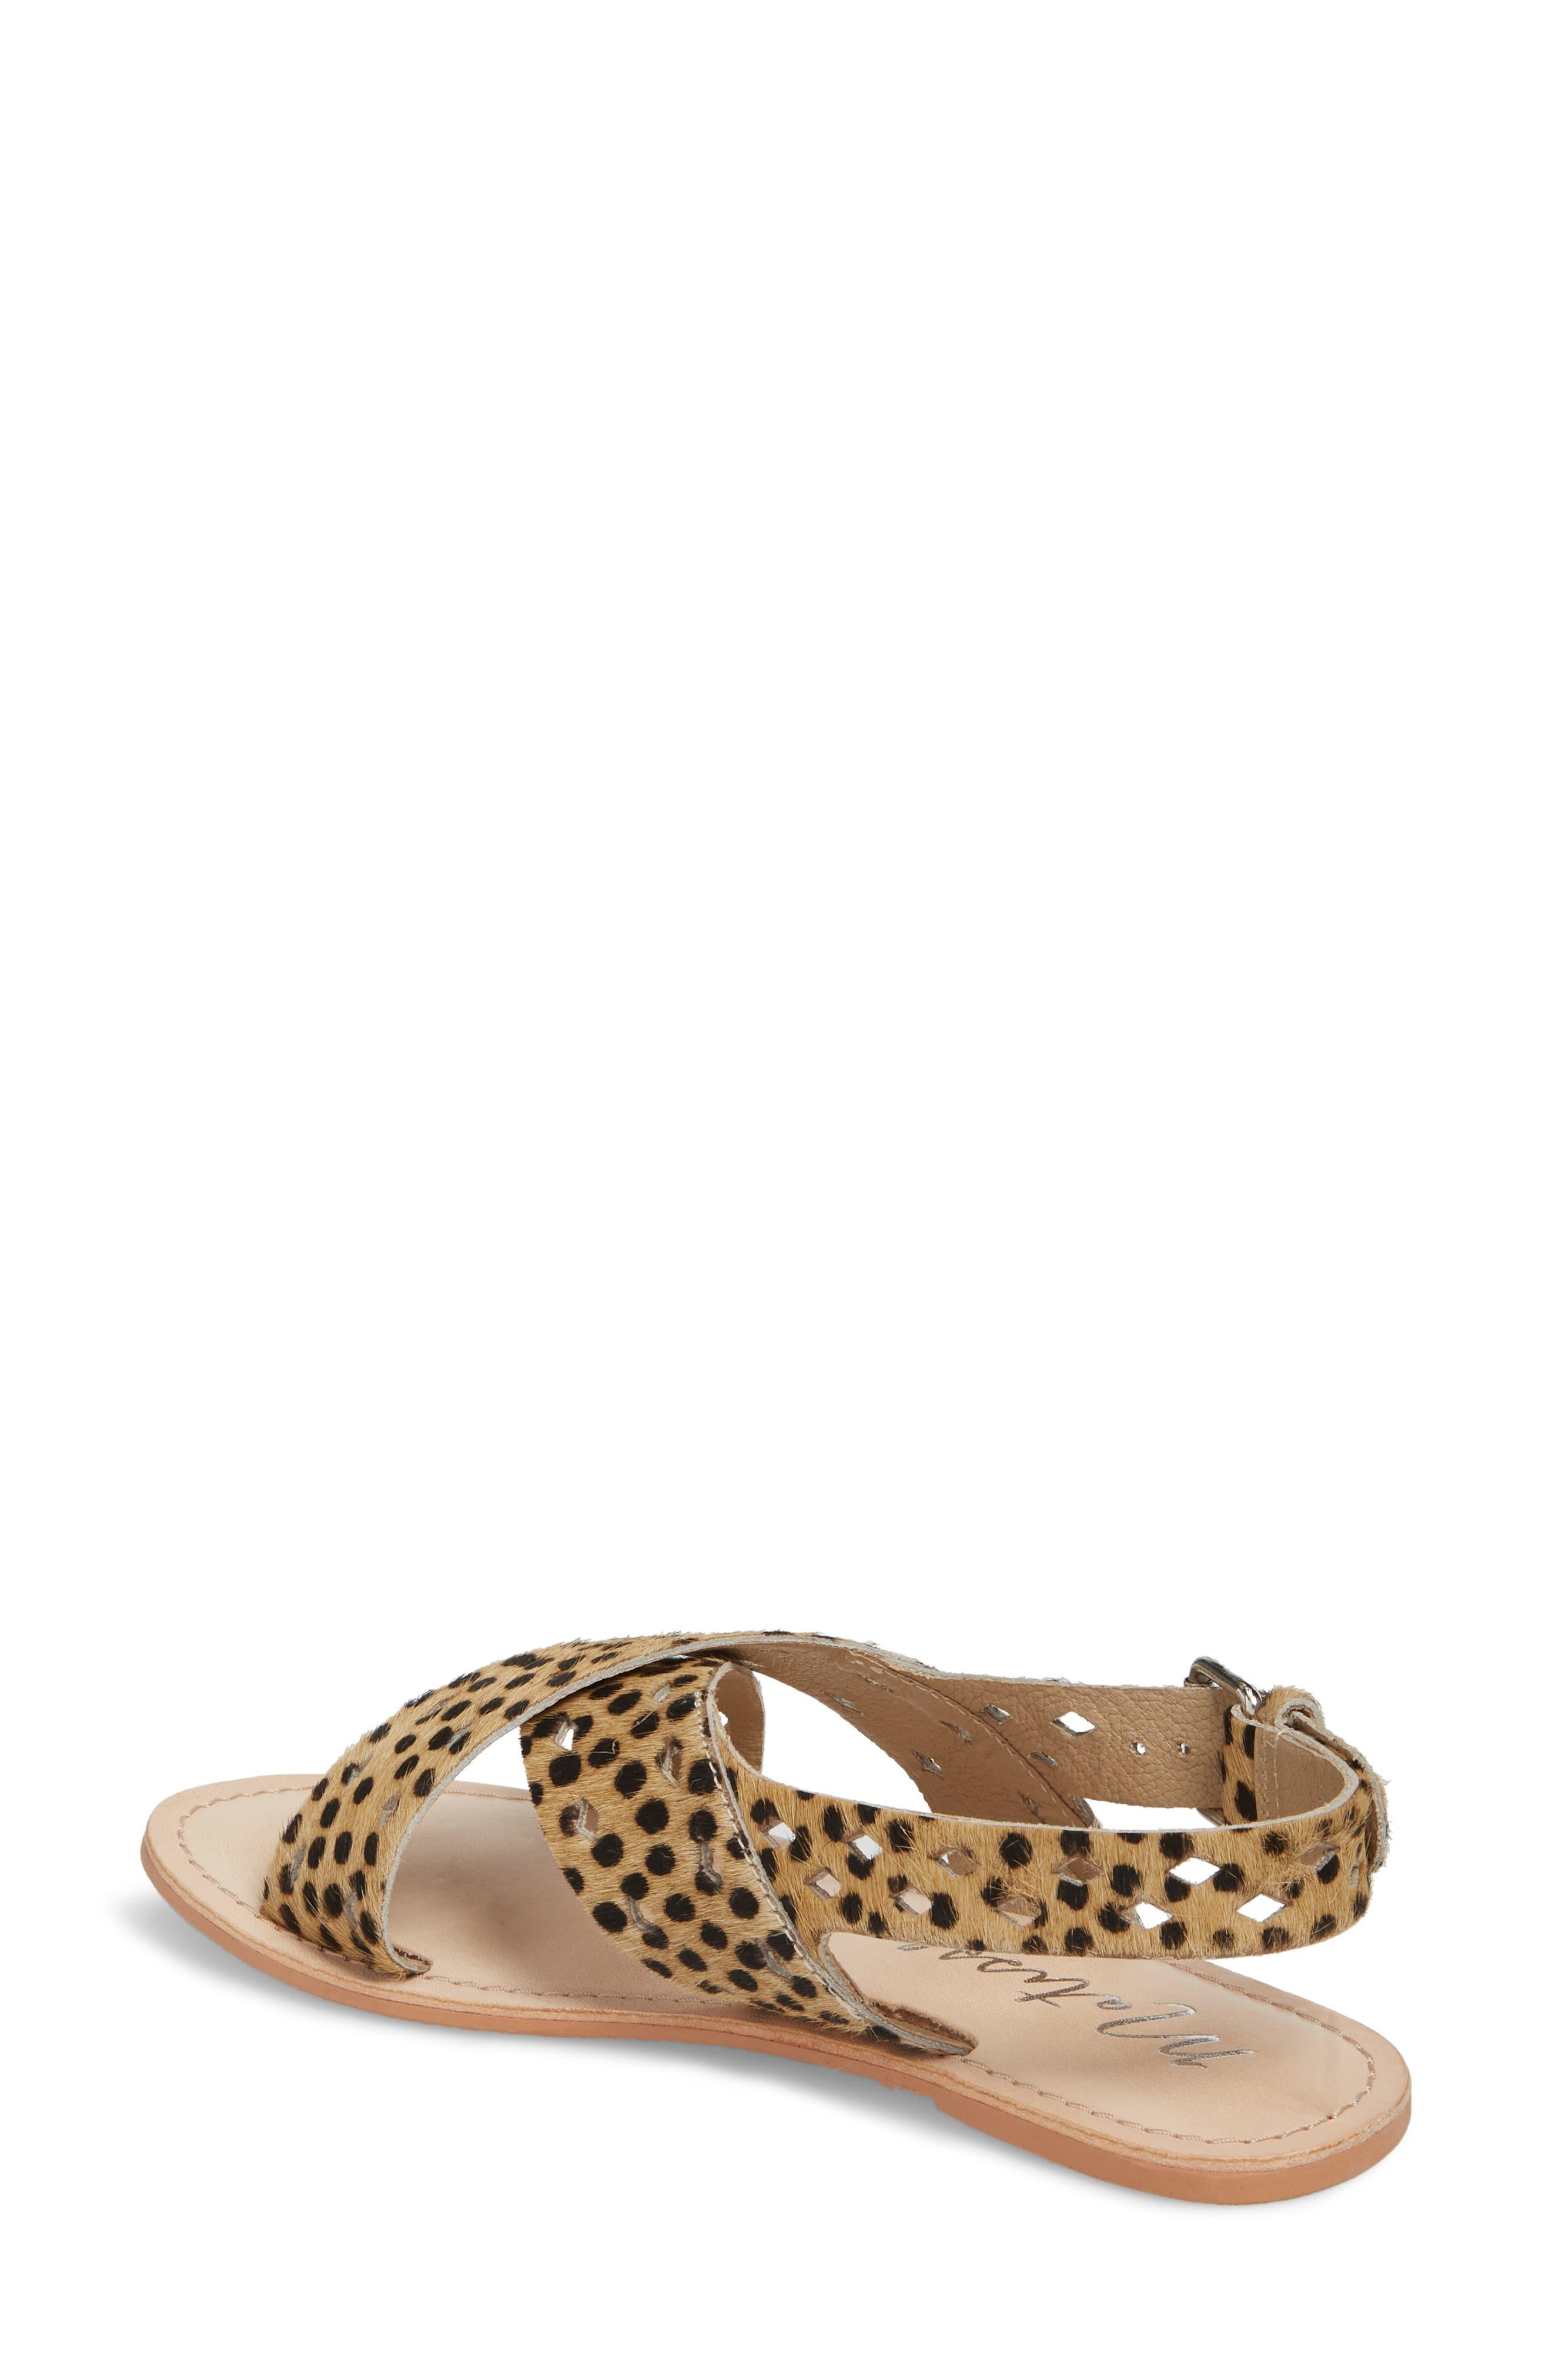 Whistler Genuine Calf Hair Sandal,                             Alternate thumbnail 2, color,                             Leopard